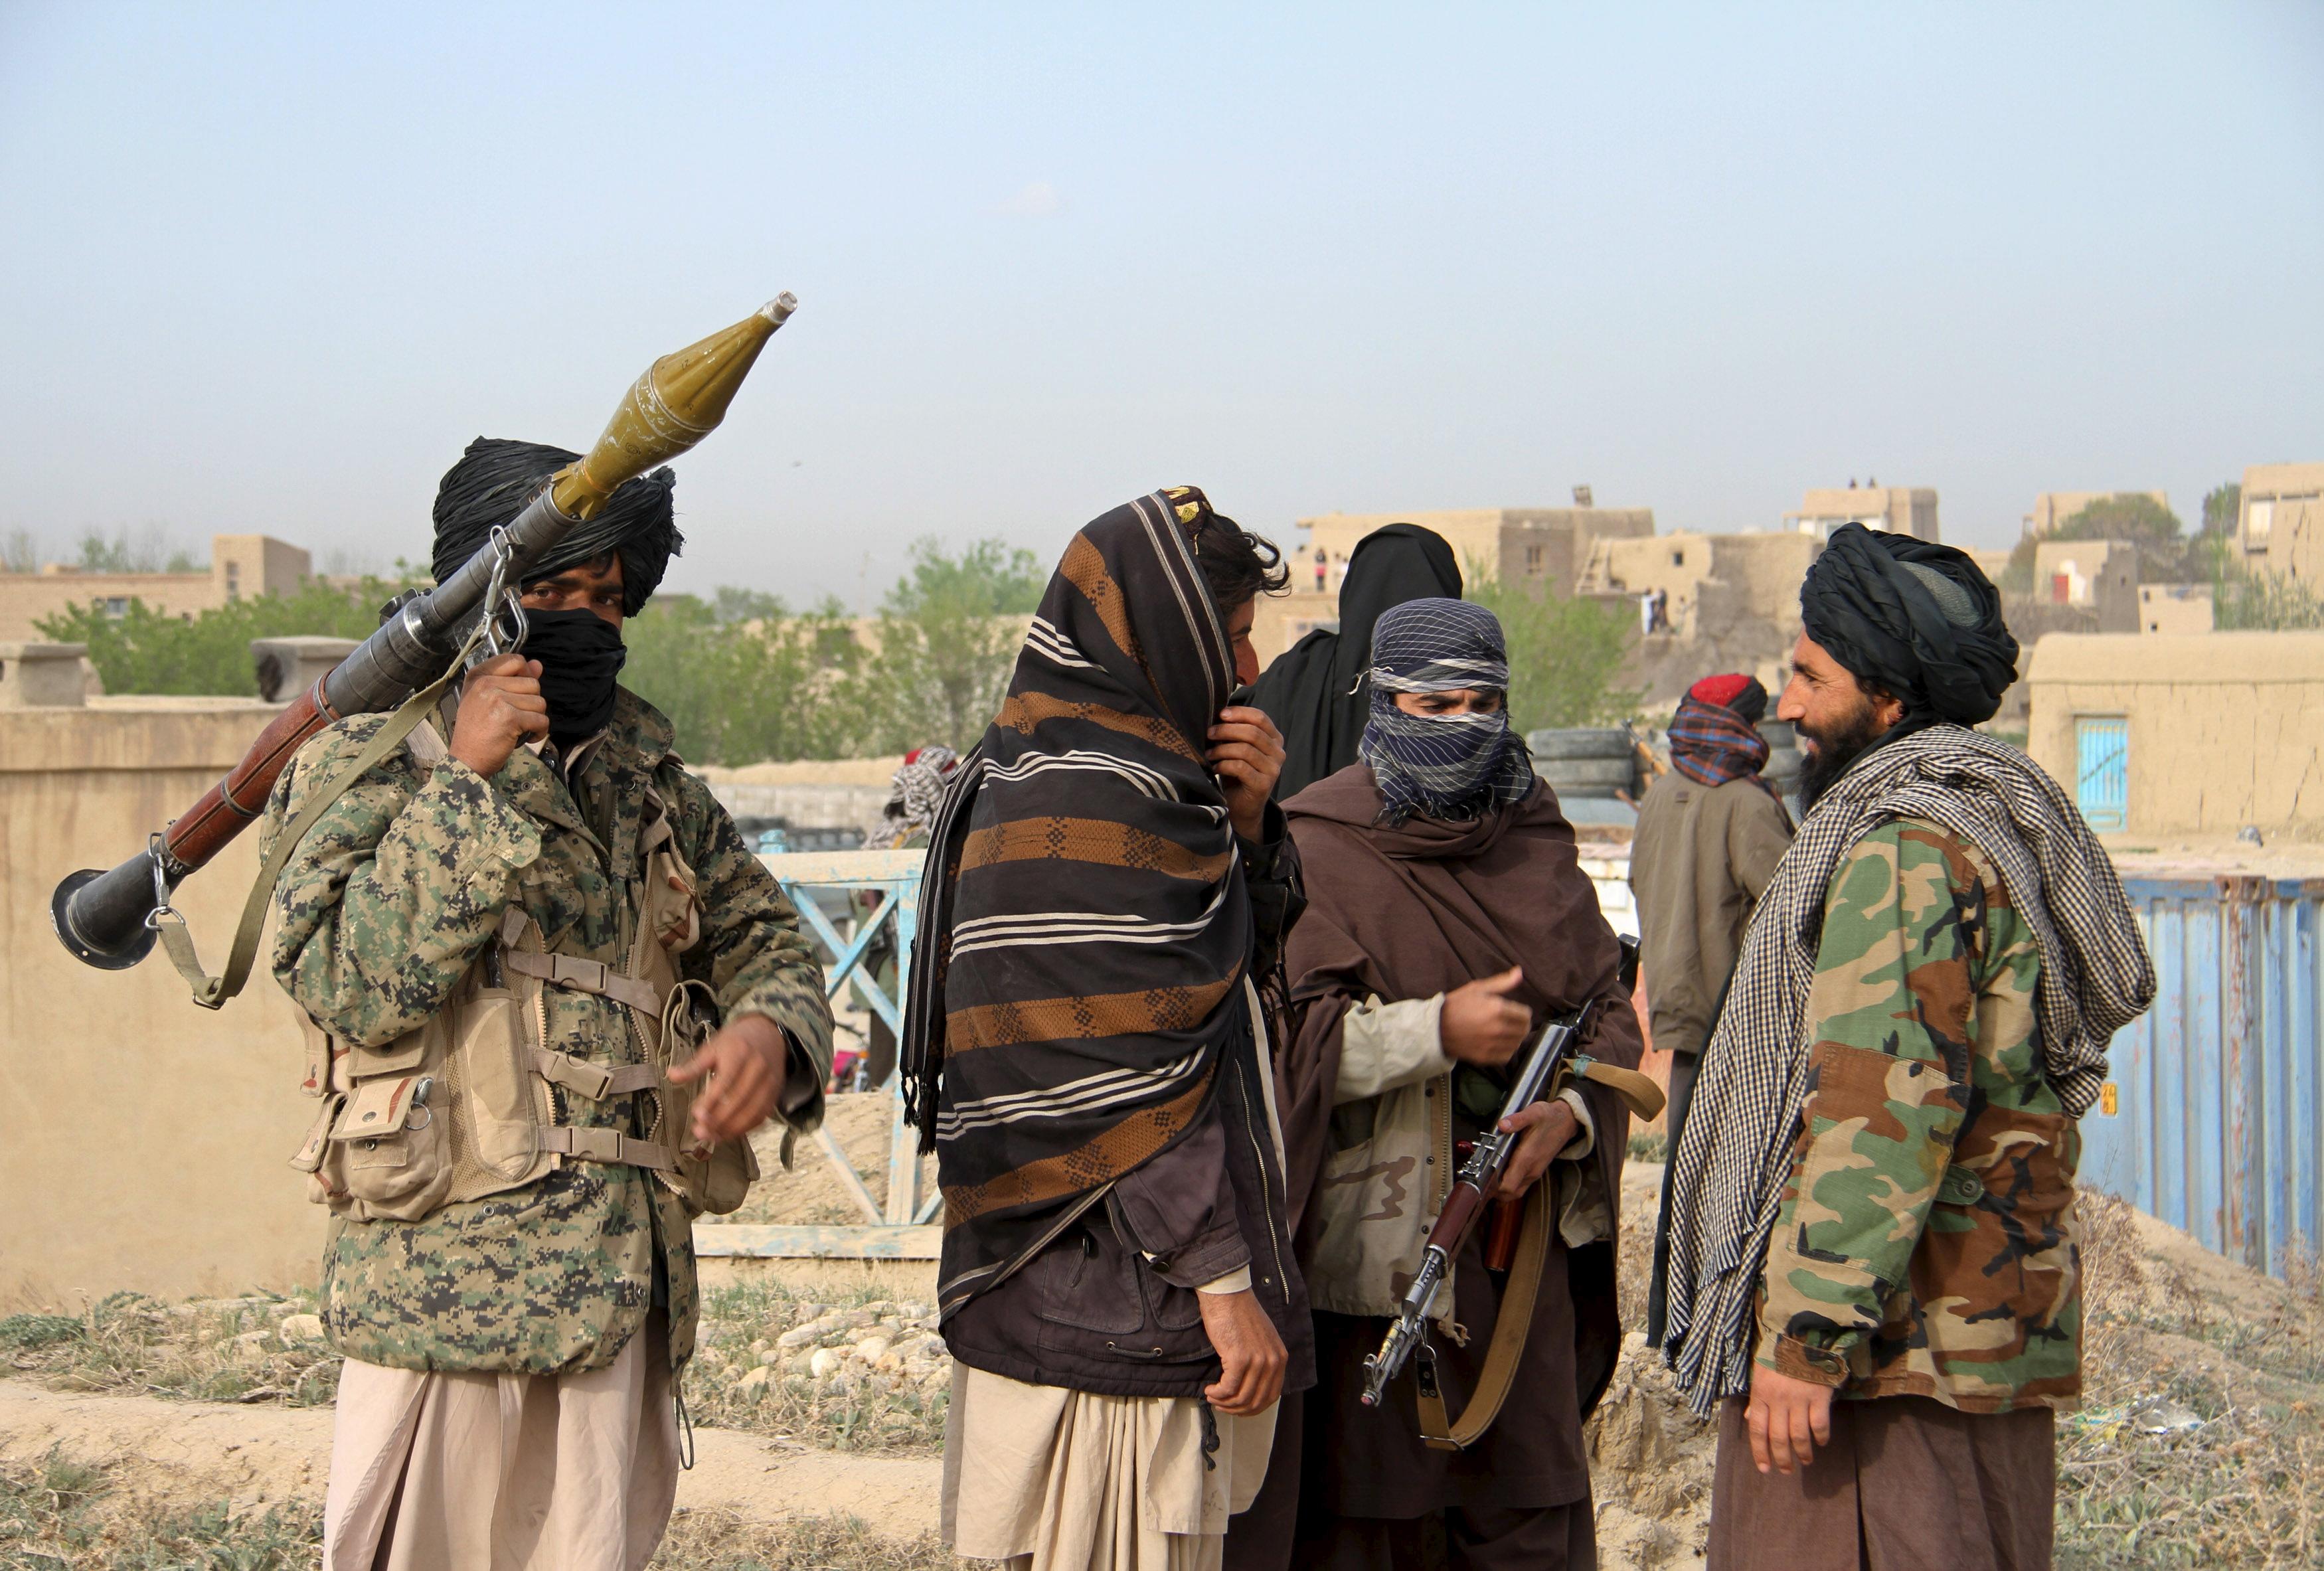 Arhivska fotografija: Pripadnici talibana